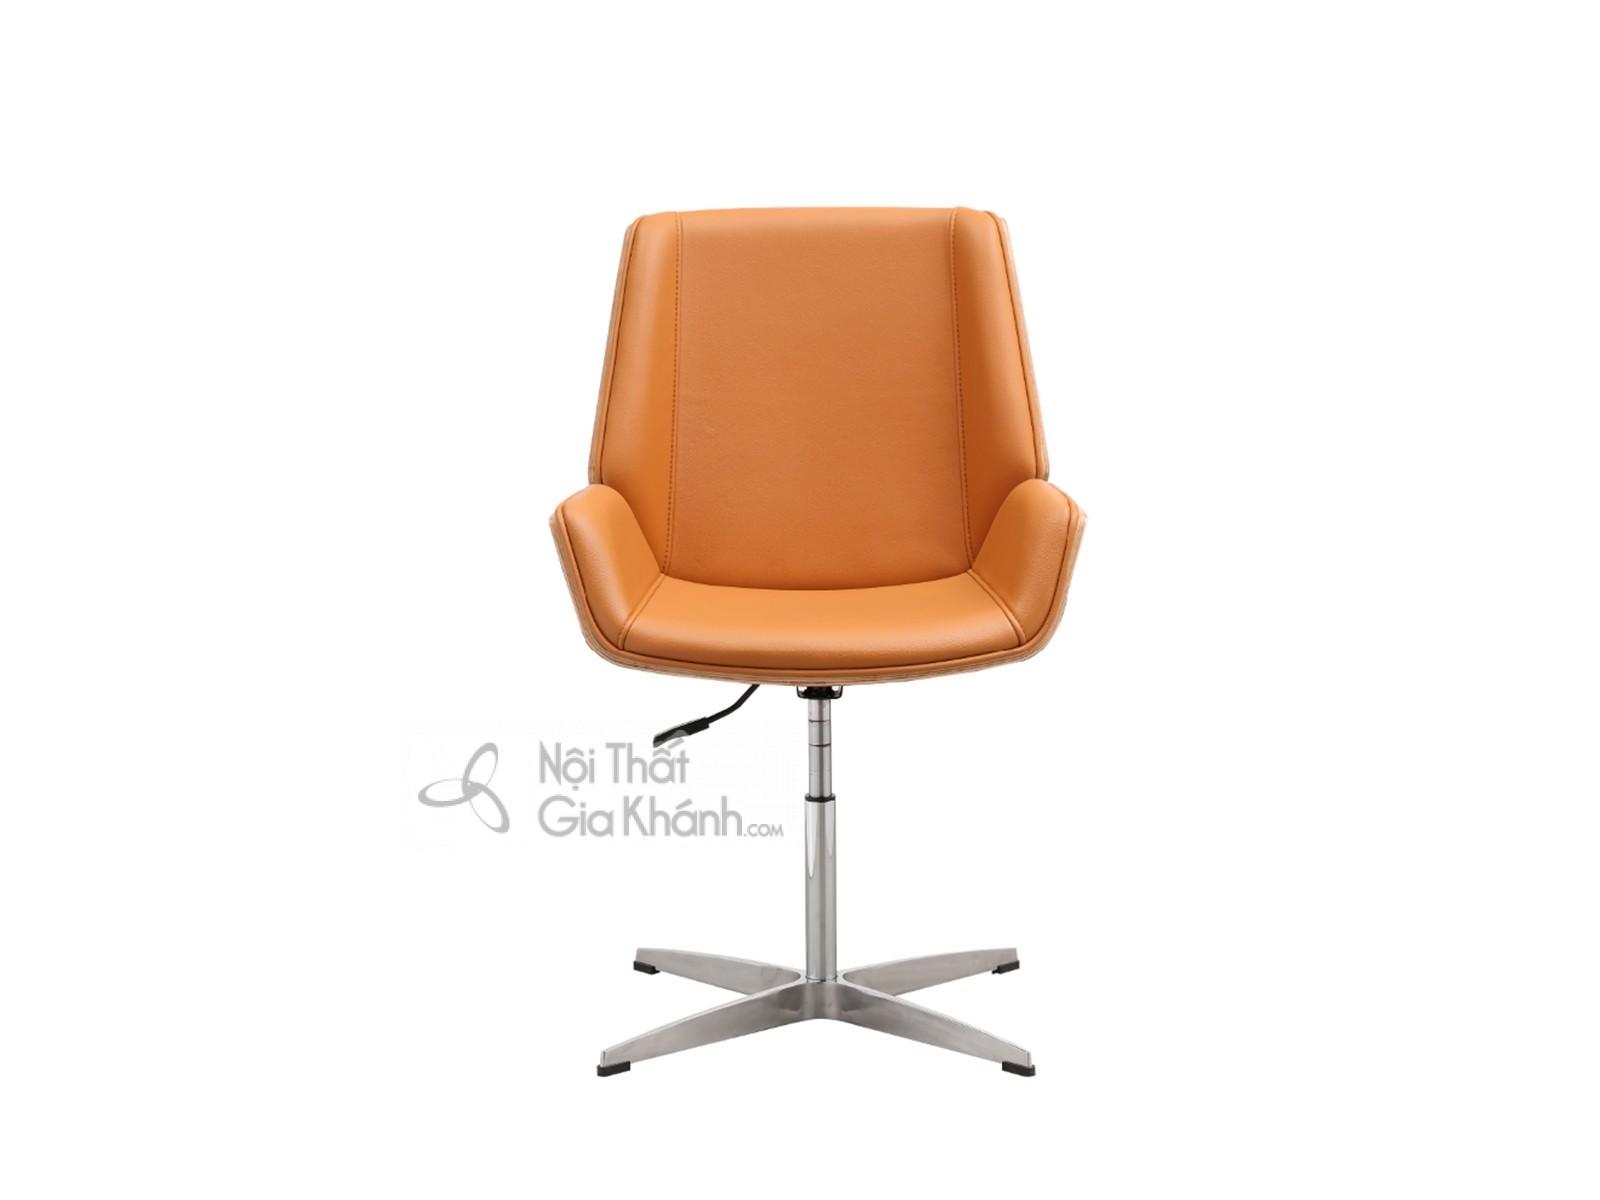 Bộ bàn ghế gỗ làm việc nhập khẩu BV1801